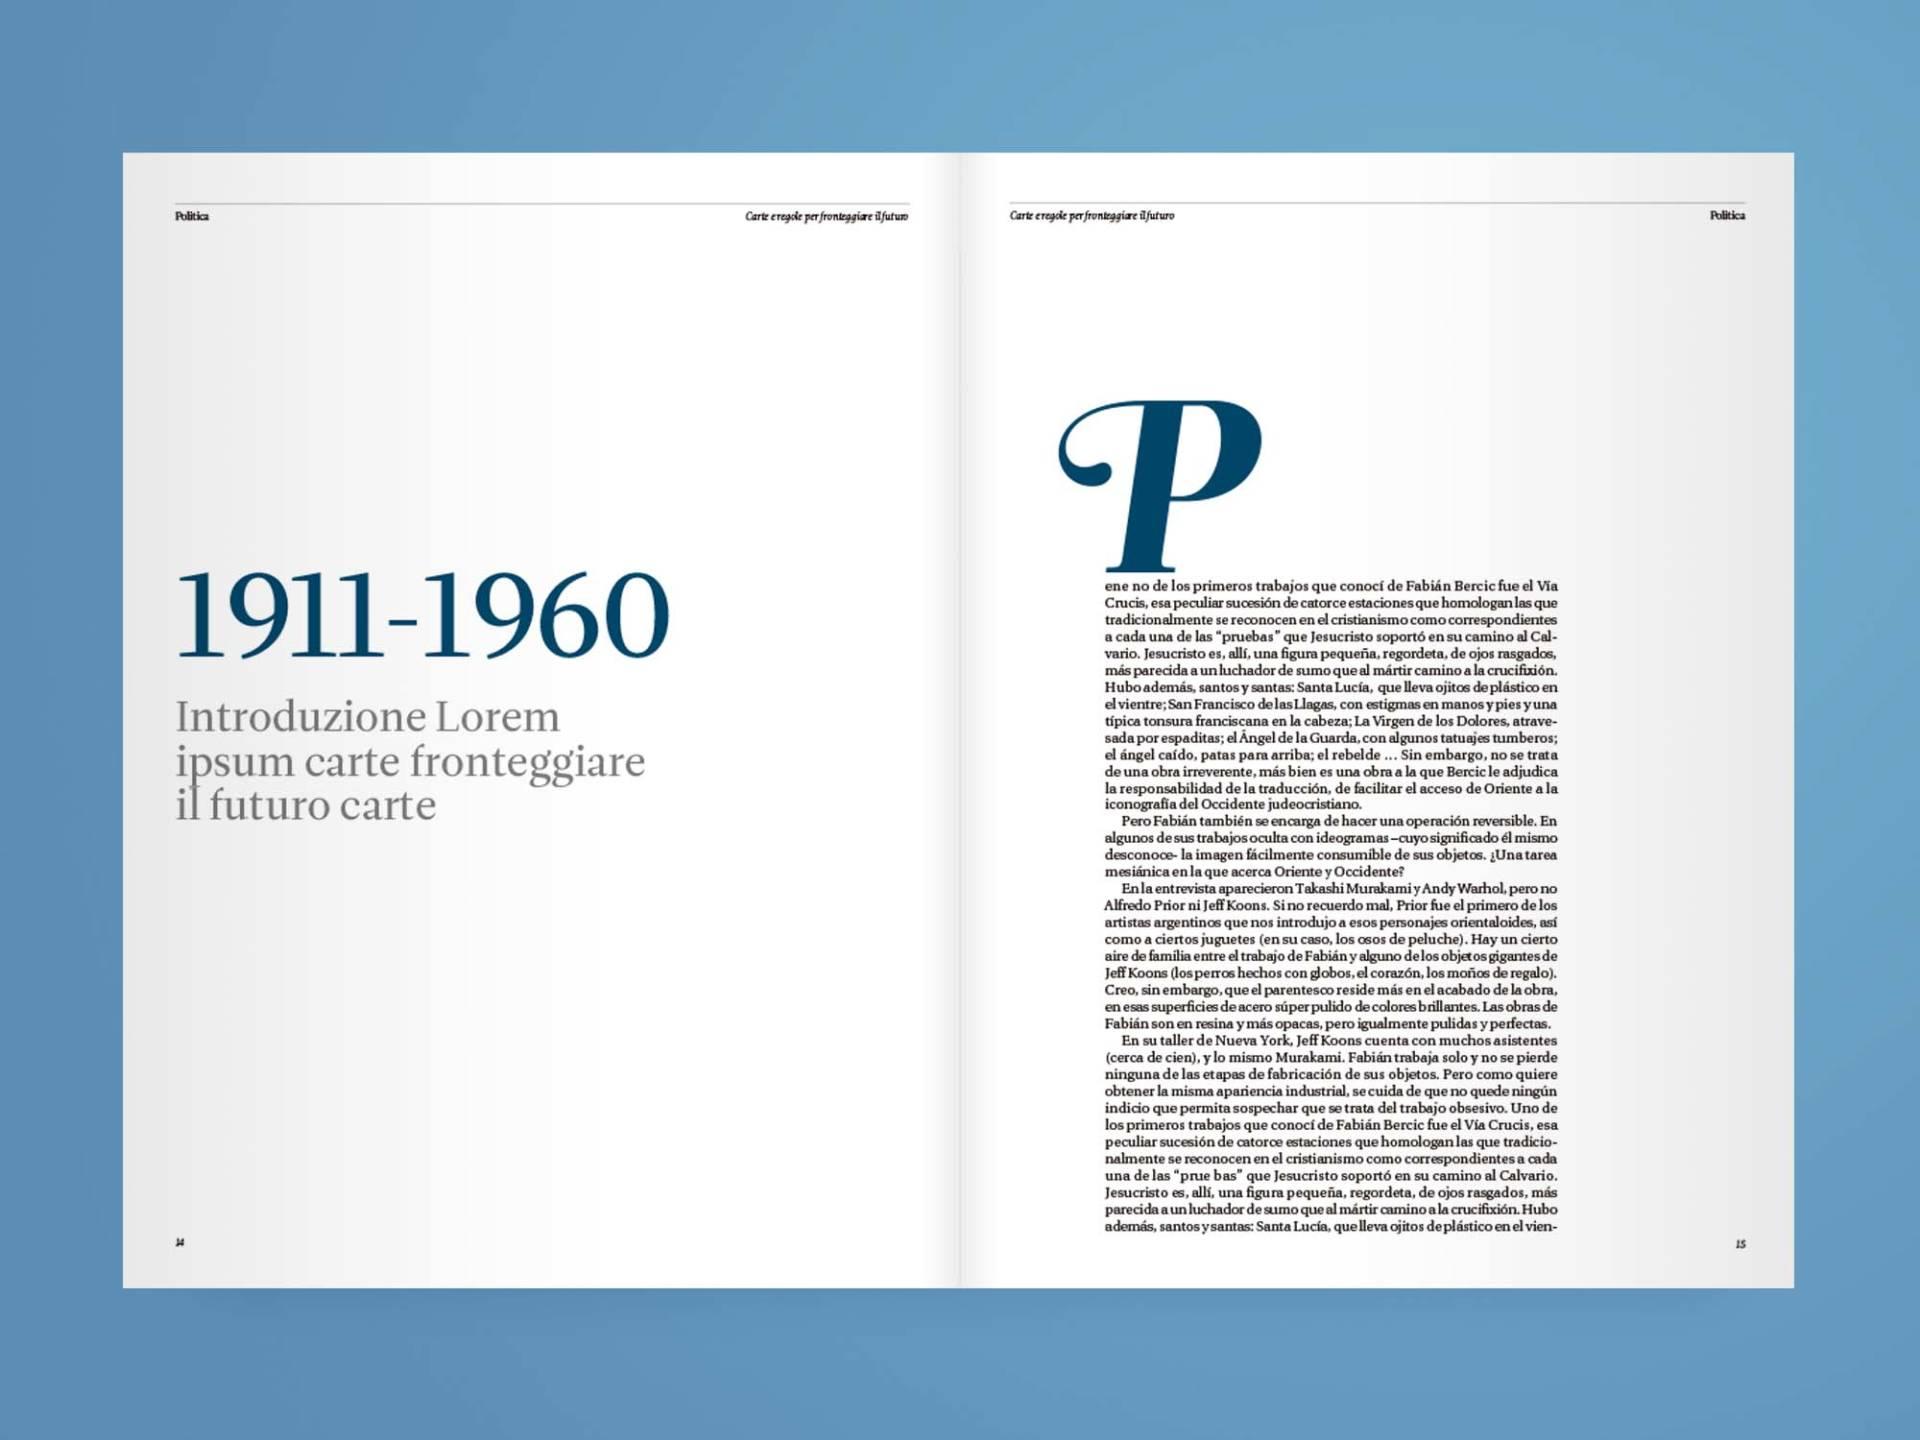 Giornale_Di_Sicilia_Libro_02_Wenceslau_News_Design